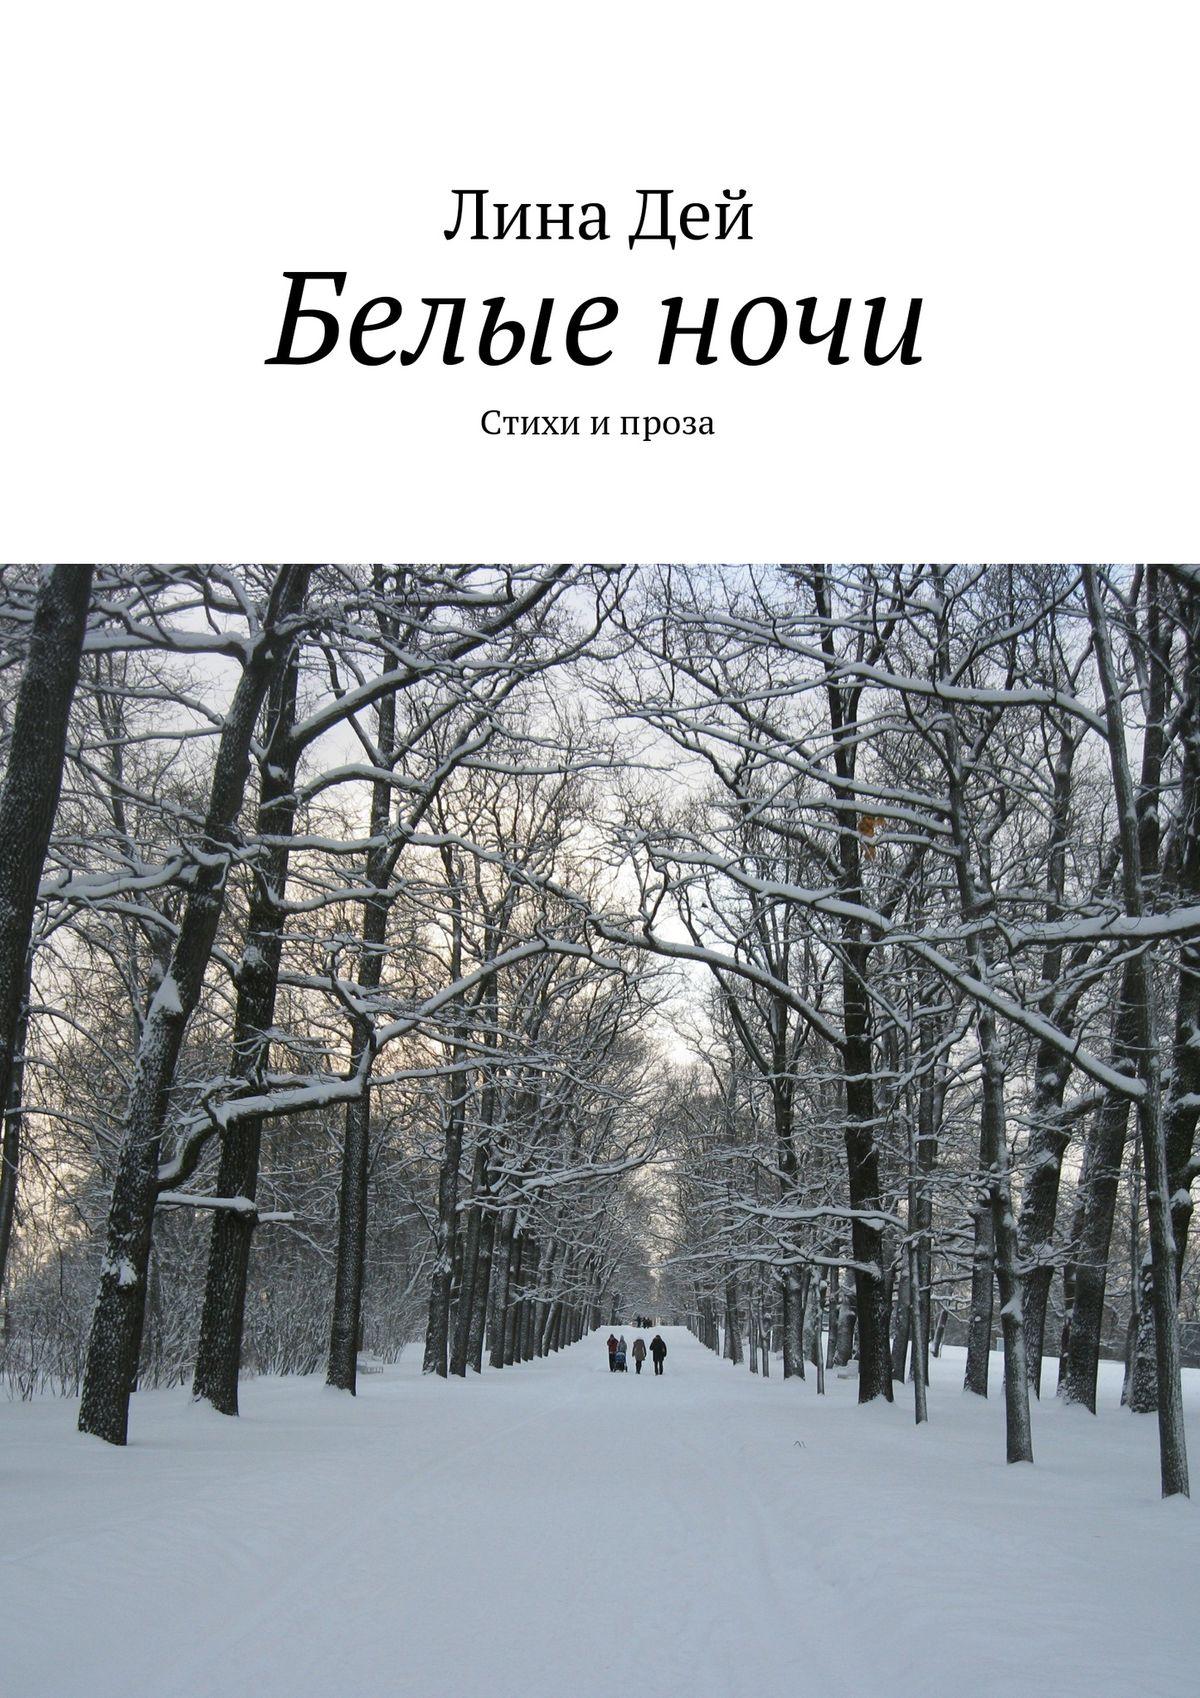 Лина Дей Белые ночи (сборник) в камаев питер белые ночи корюшка блокнот